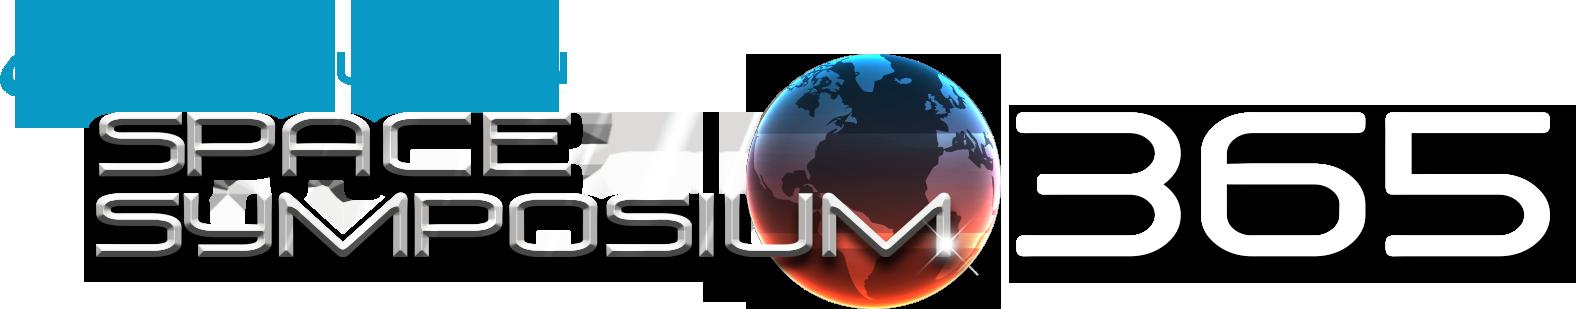 ss365-logo-finaal